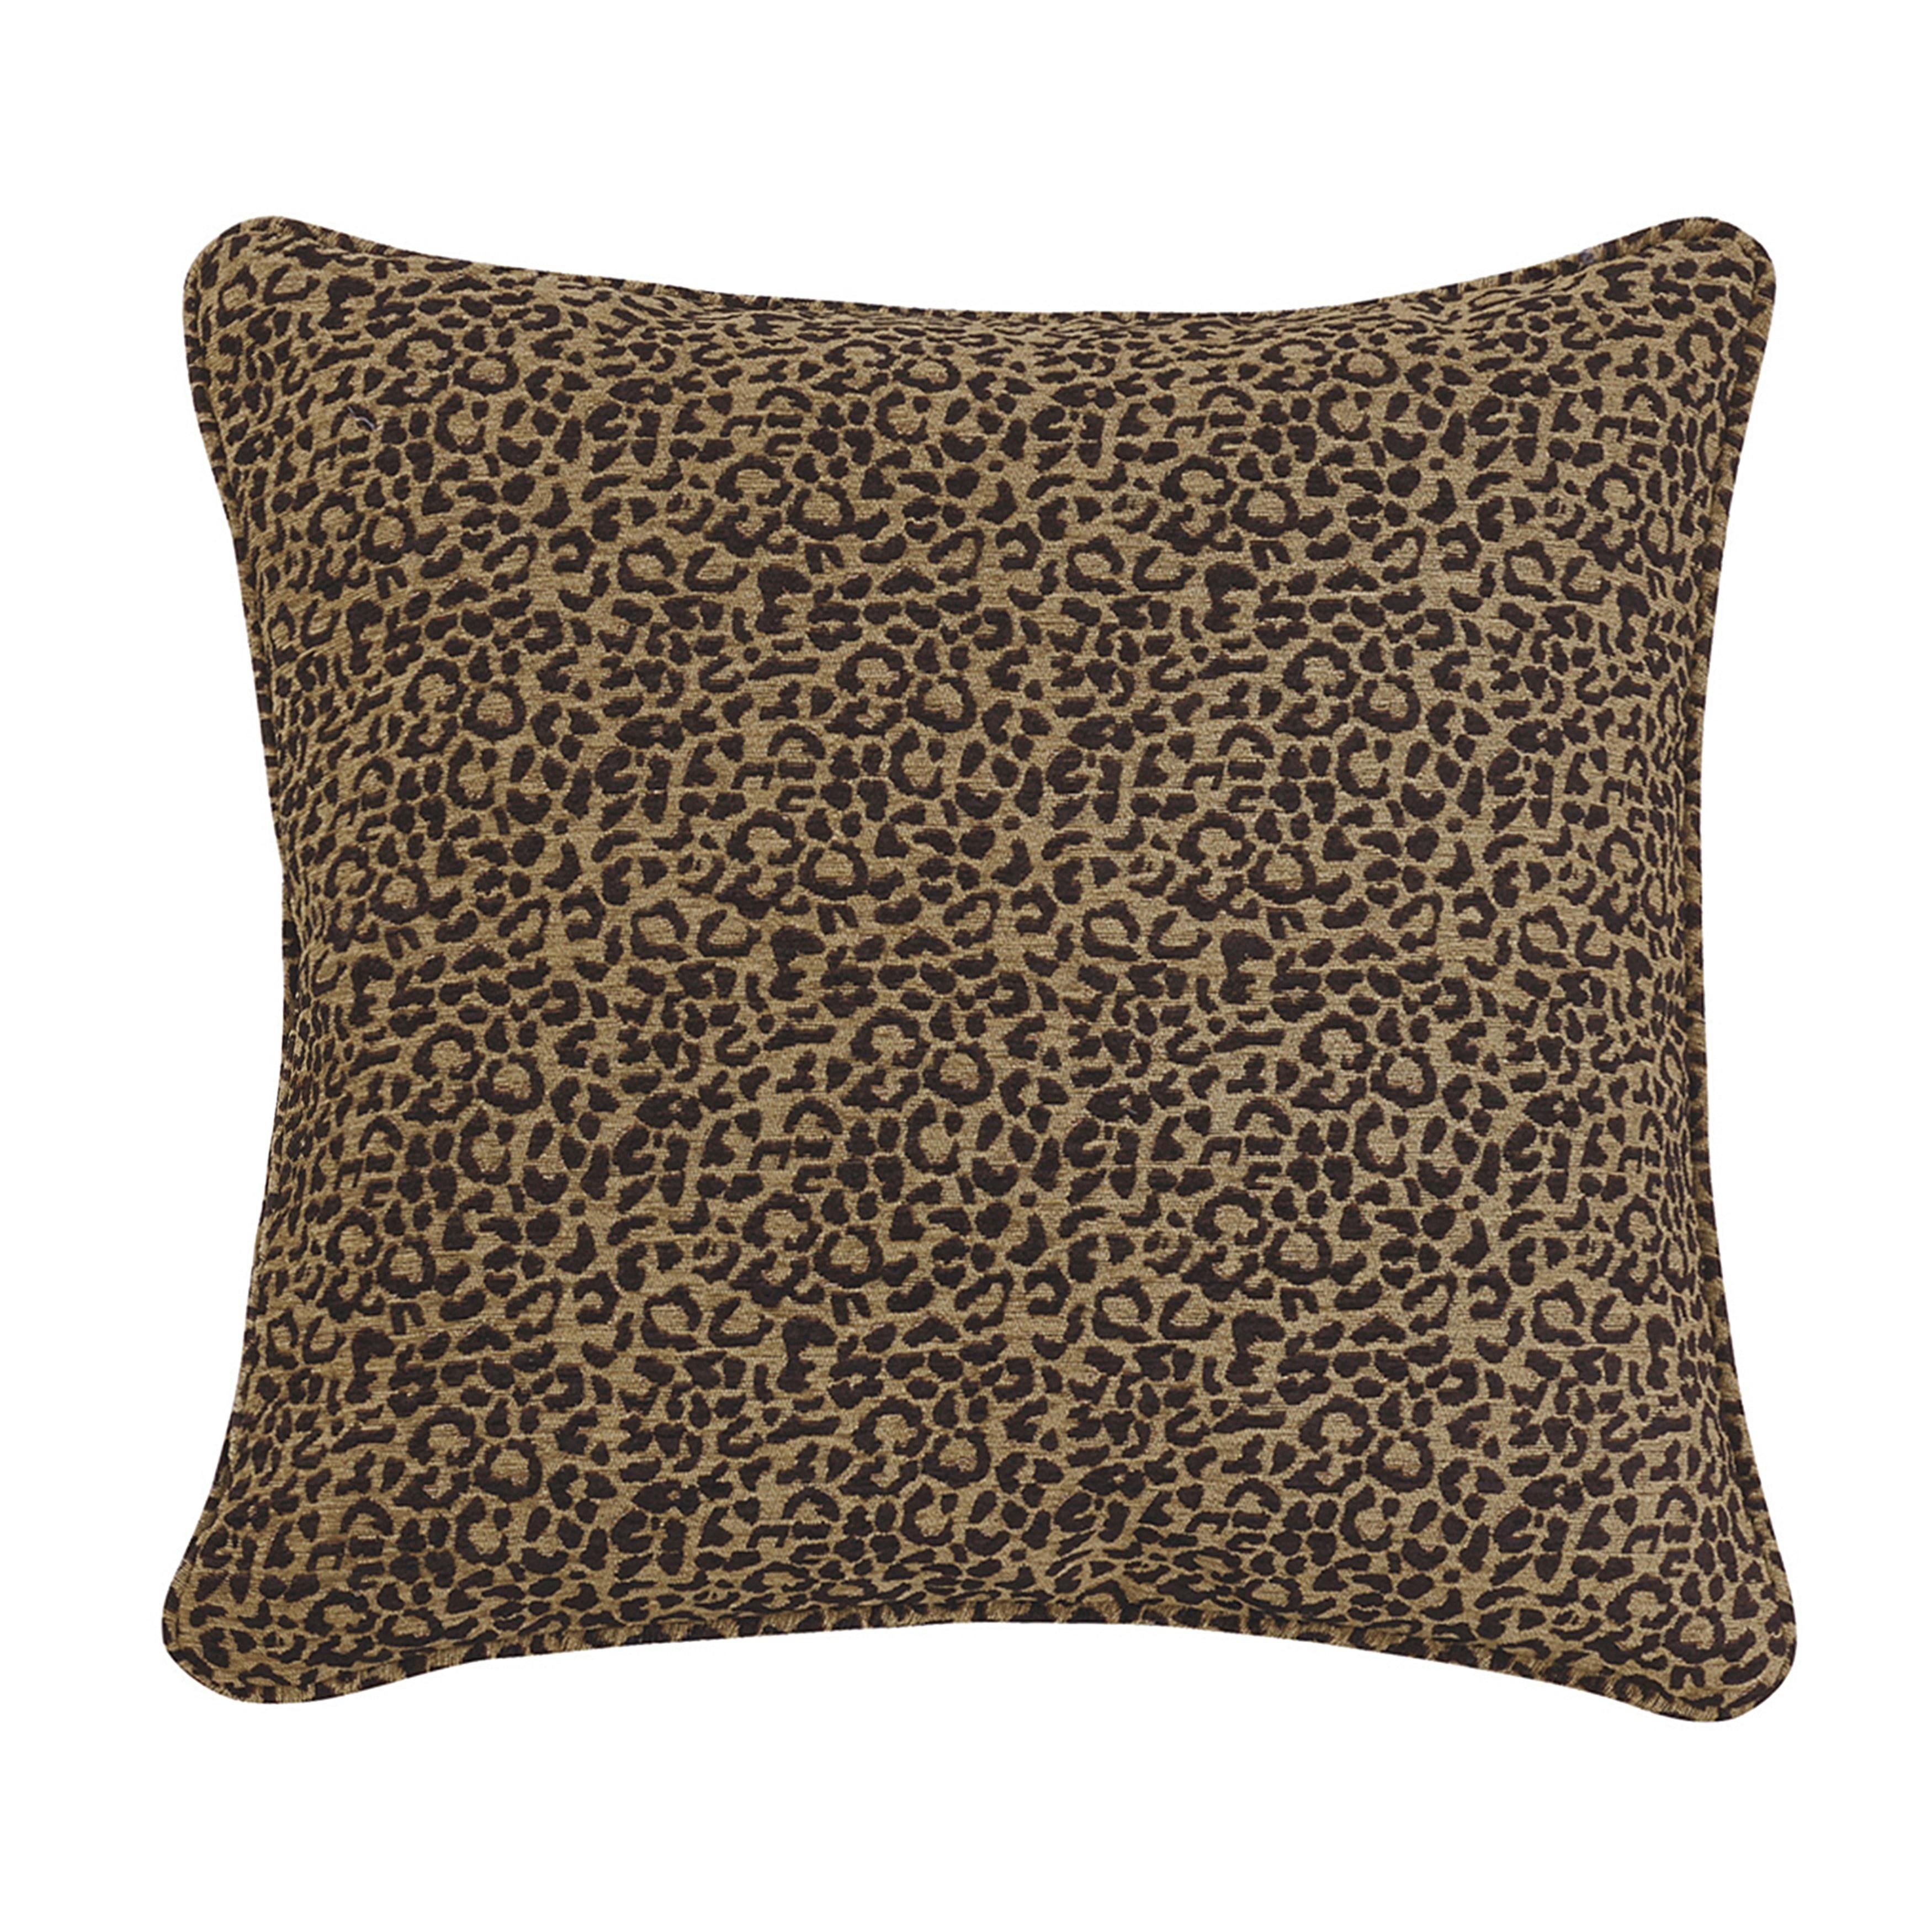 HiEnd Accents Leopard Euro Sham (Pillowcases/Shams), Mult...